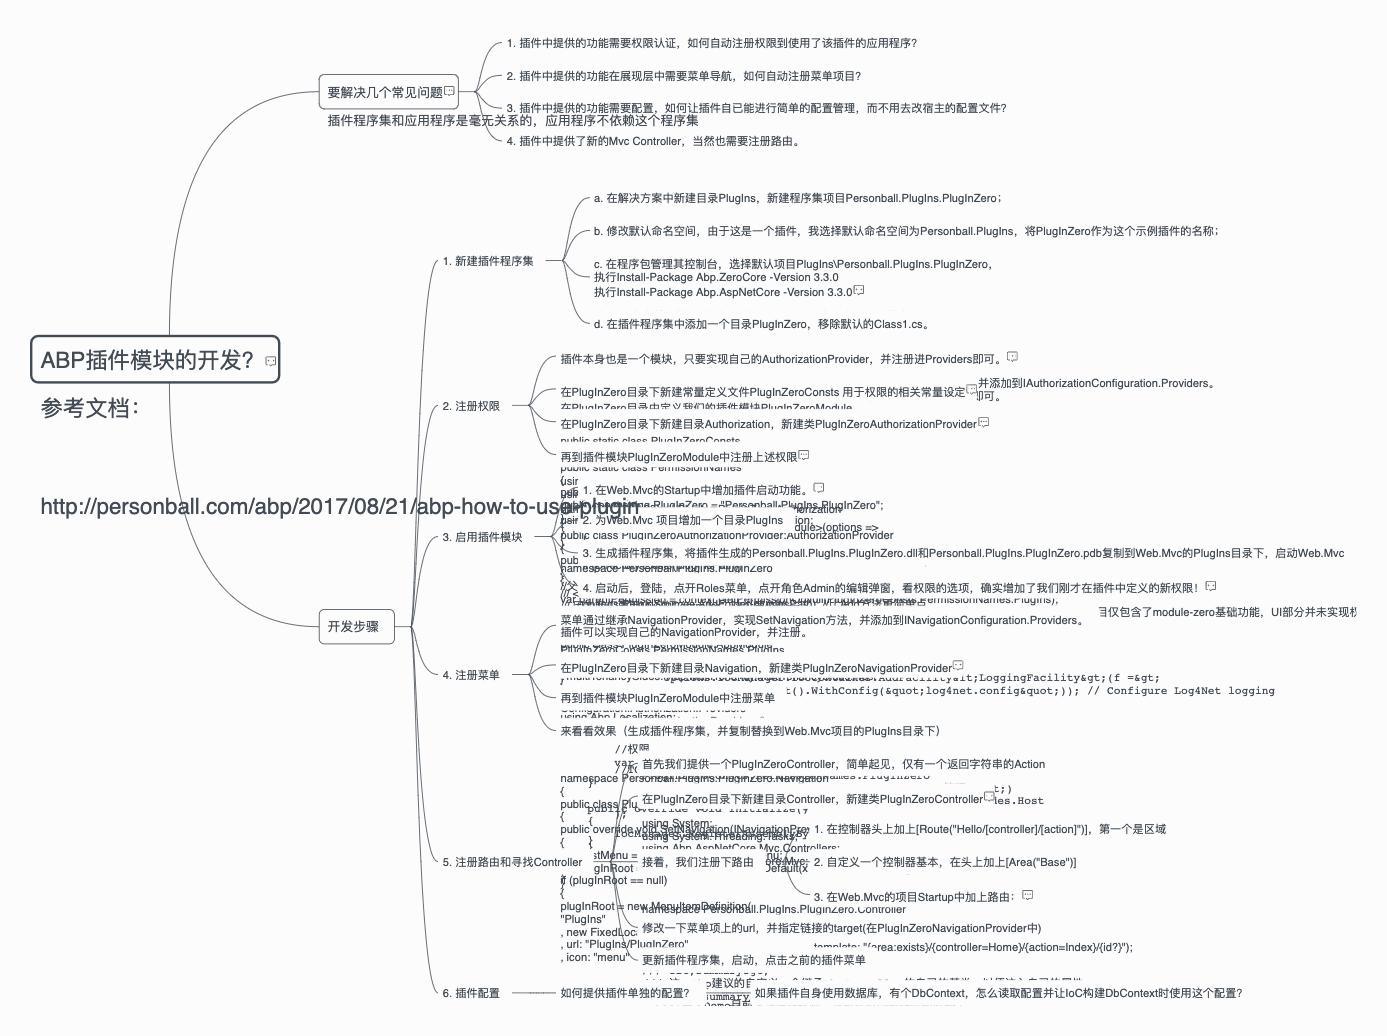 使用ABP的插件模块进行开发